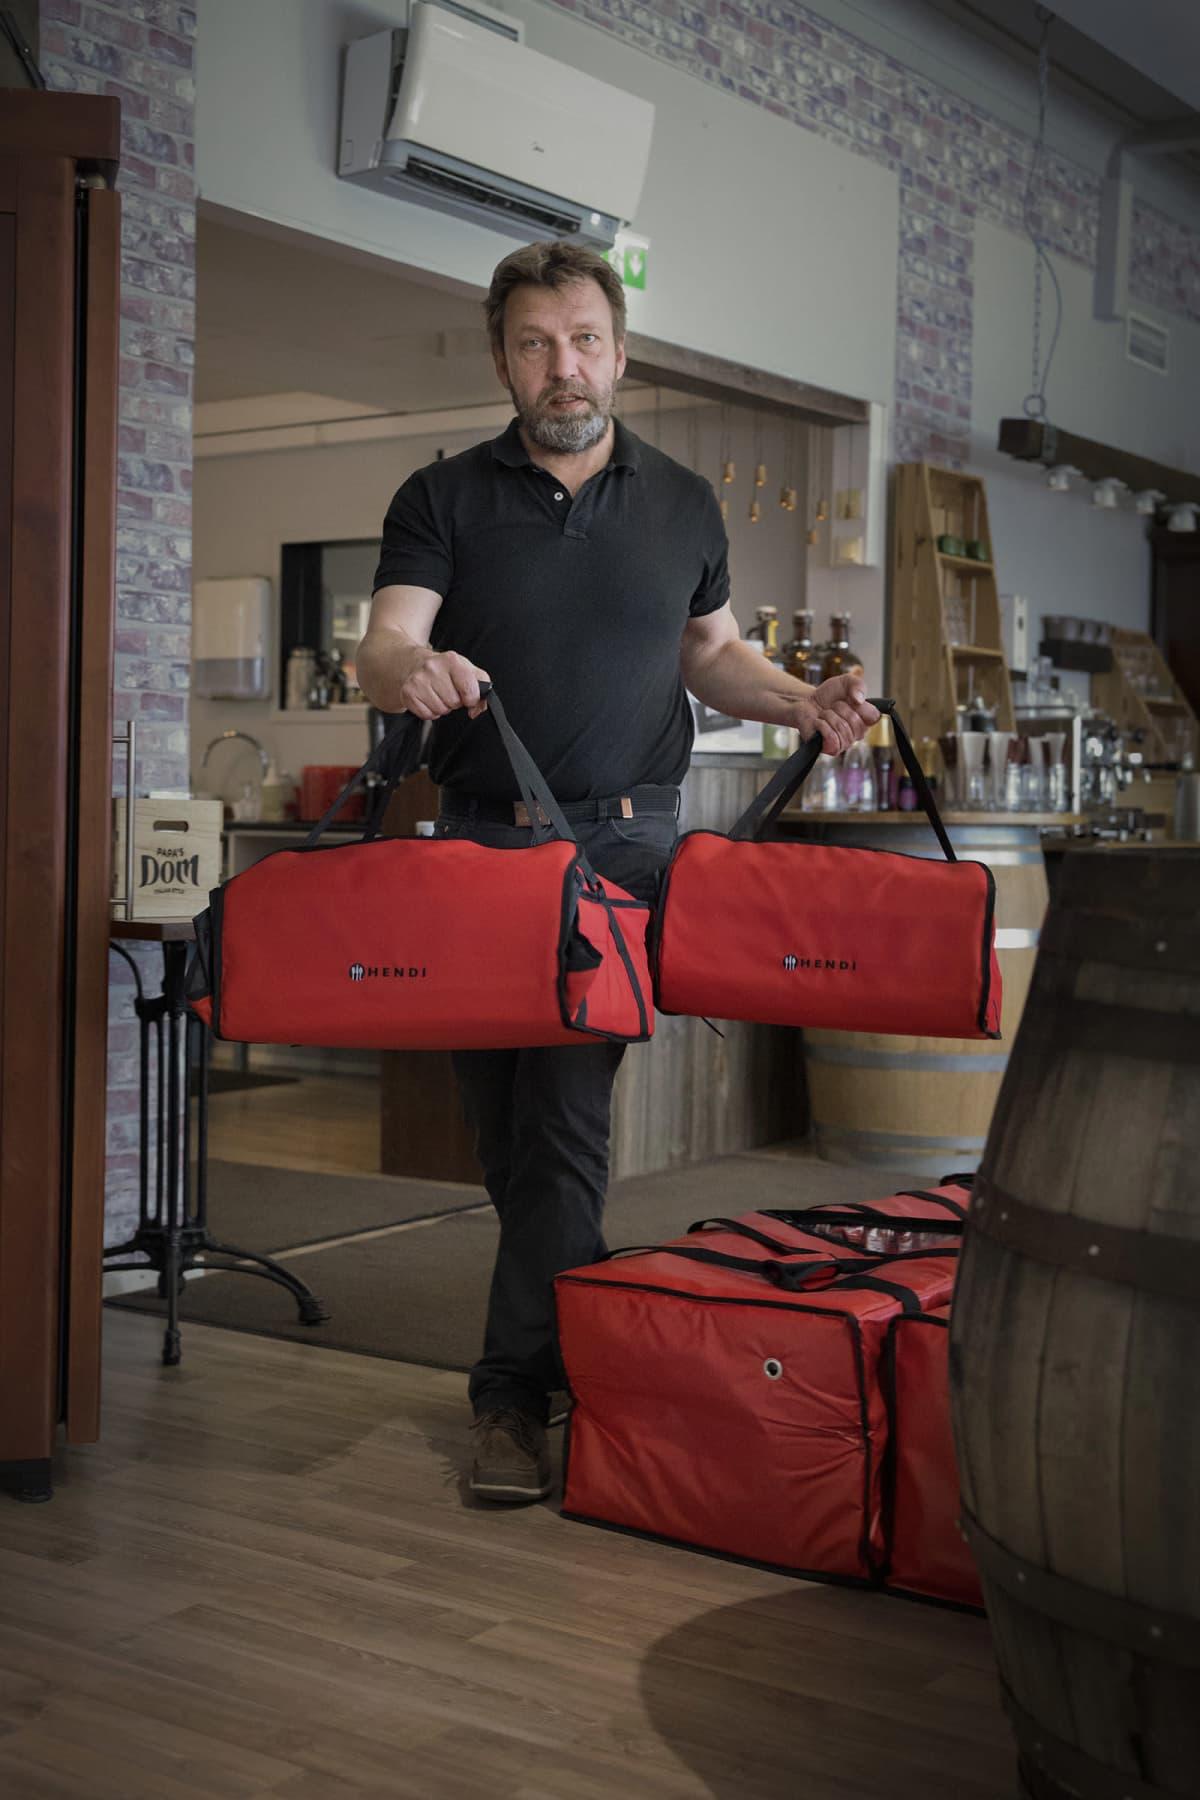 Pizzeria Domin yrittäjä Juha Parkkinen kantaa pizzalaukkuja.